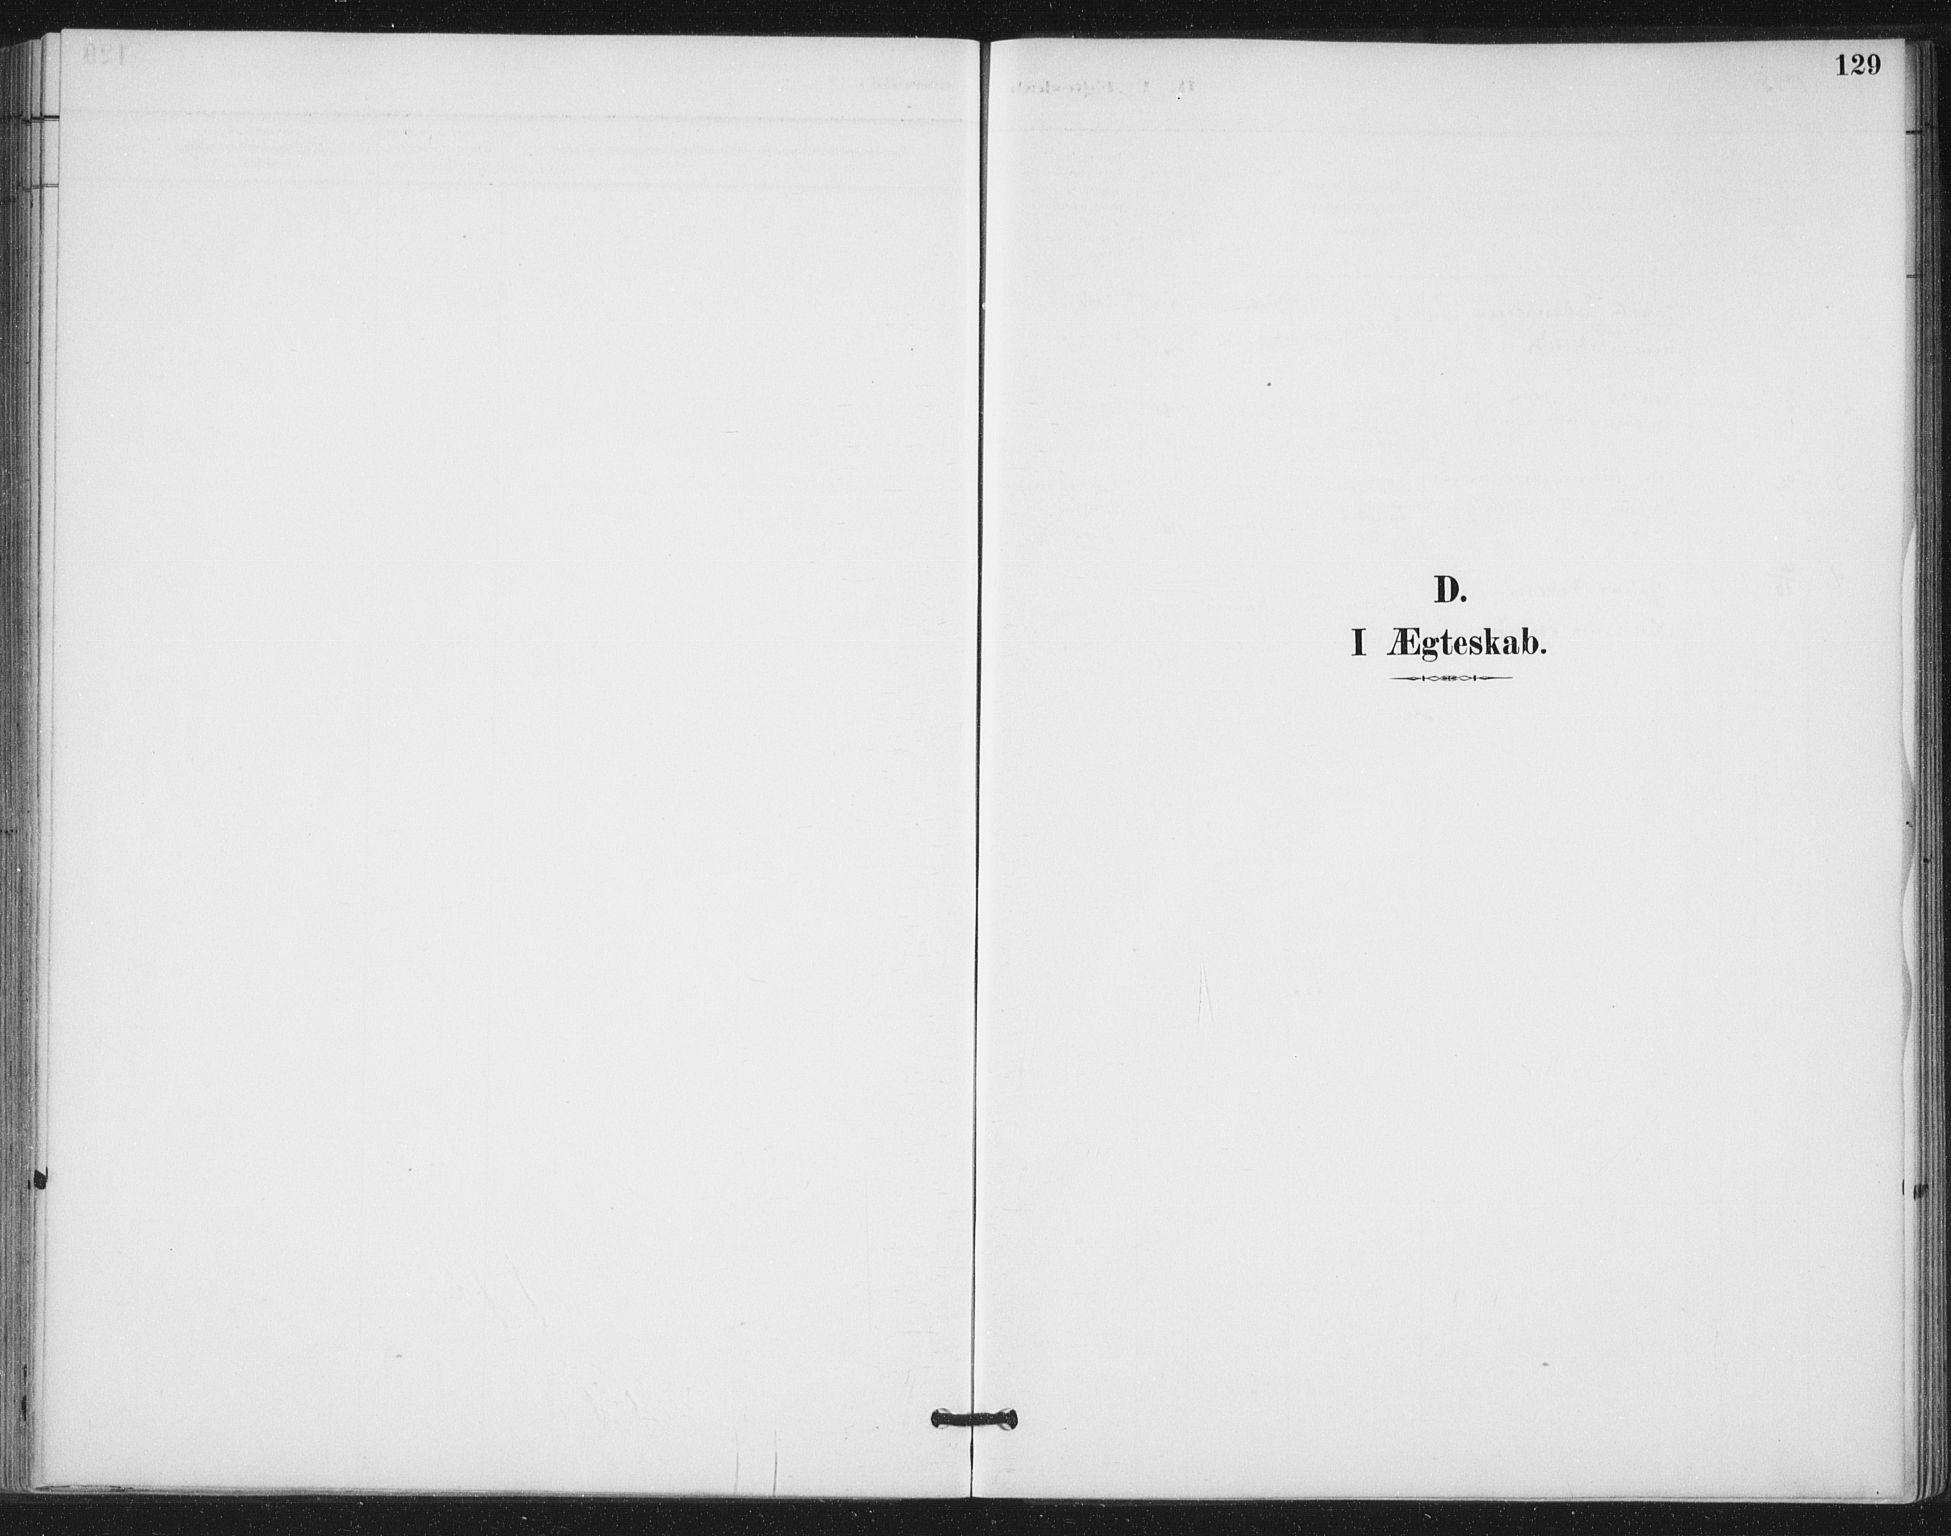 SAT, Ministerialprotokoller, klokkerbøker og fødselsregistre - Nord-Trøndelag, 772/L0603: Ministerialbok nr. 772A01, 1885-1912, s. 129